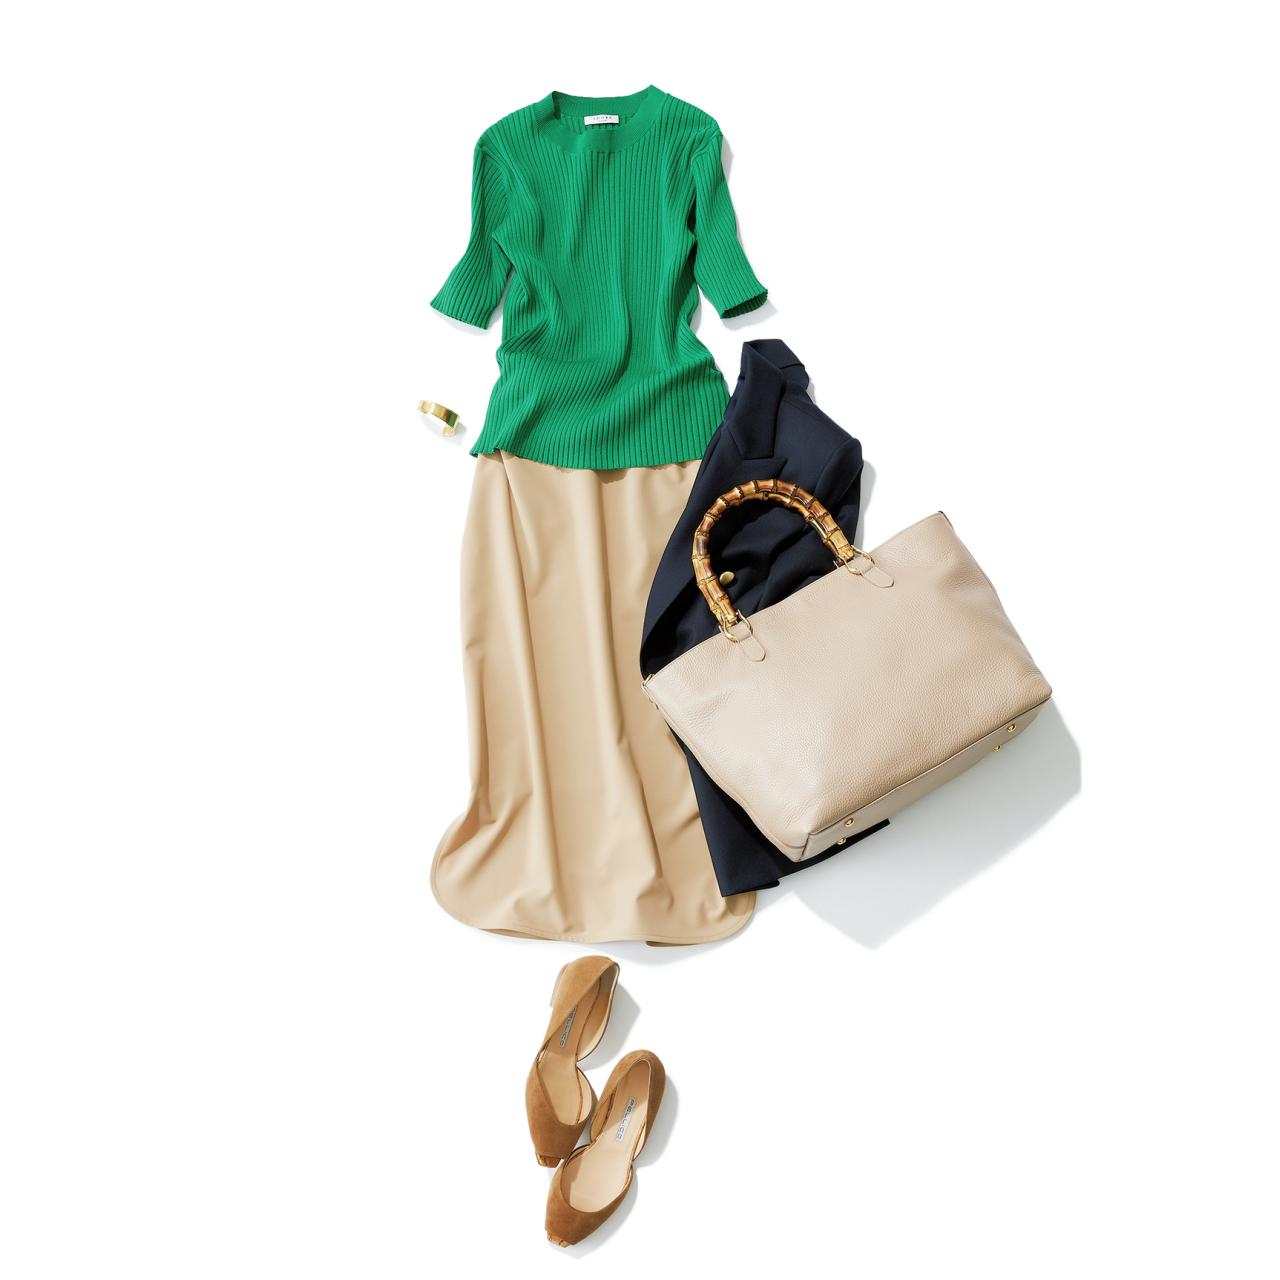 ベージュスカート×グリーン色ニットのファッションコーデ